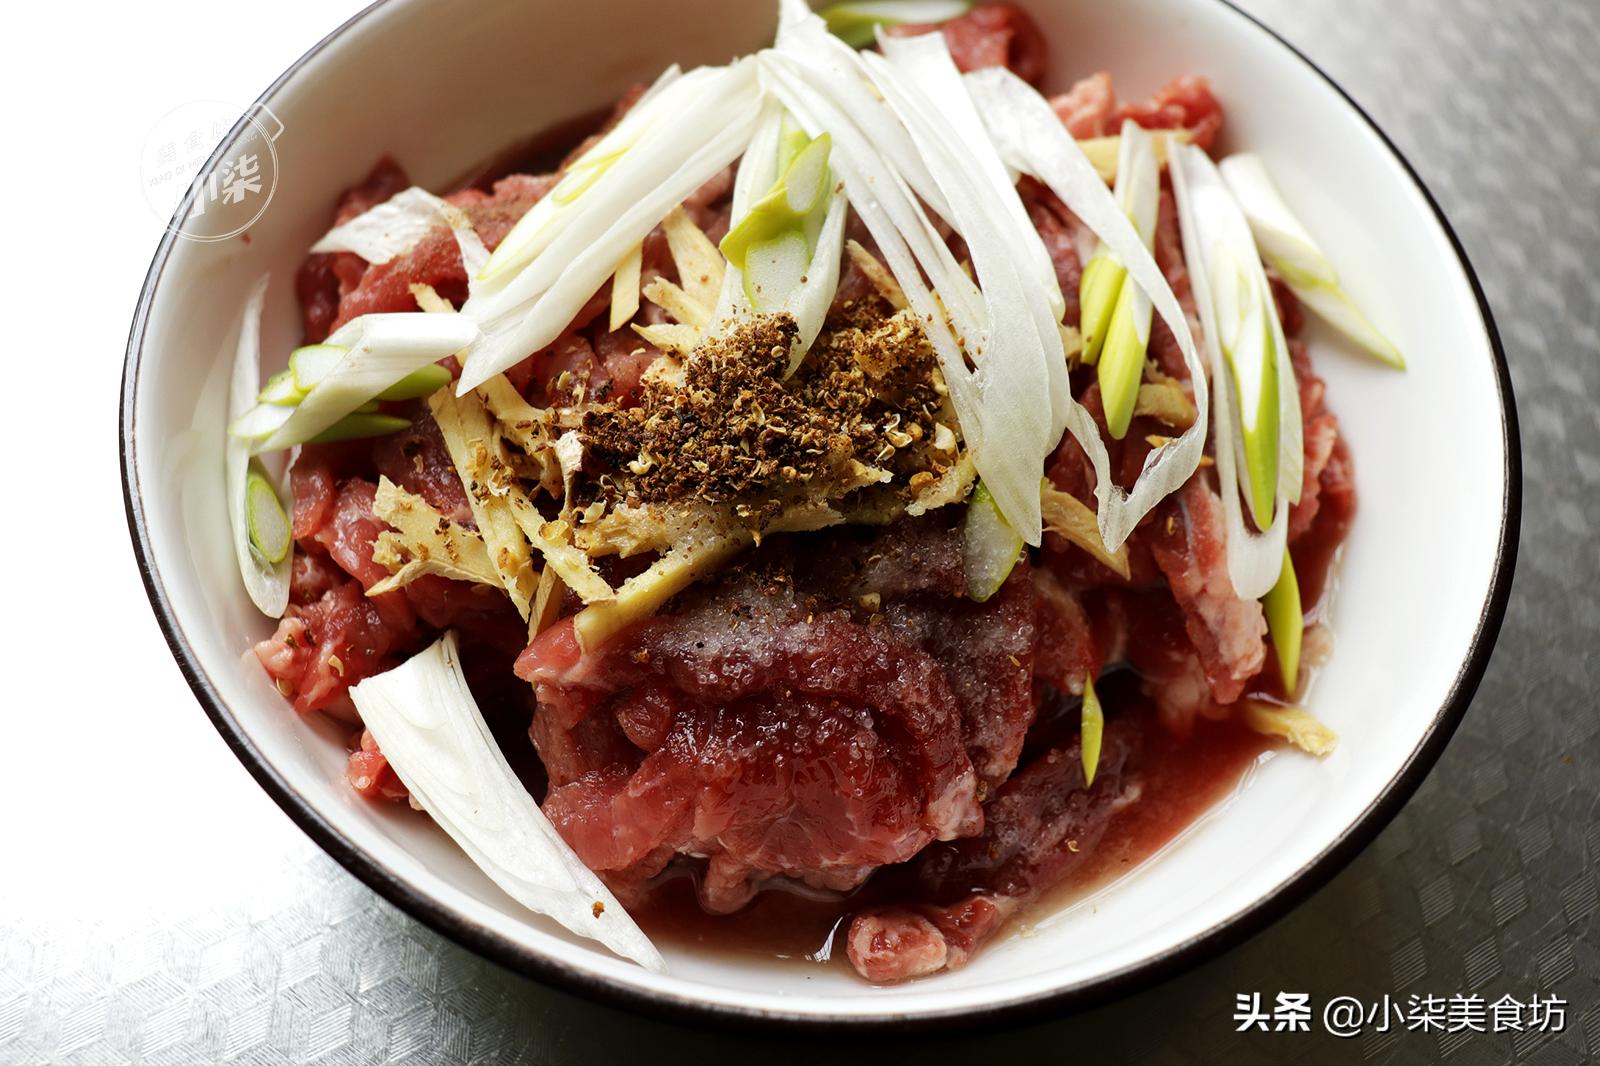 牛肉別總煮著吃了,教你小酥肉的做法,外酥里嫩一口一個嘎嘣脆